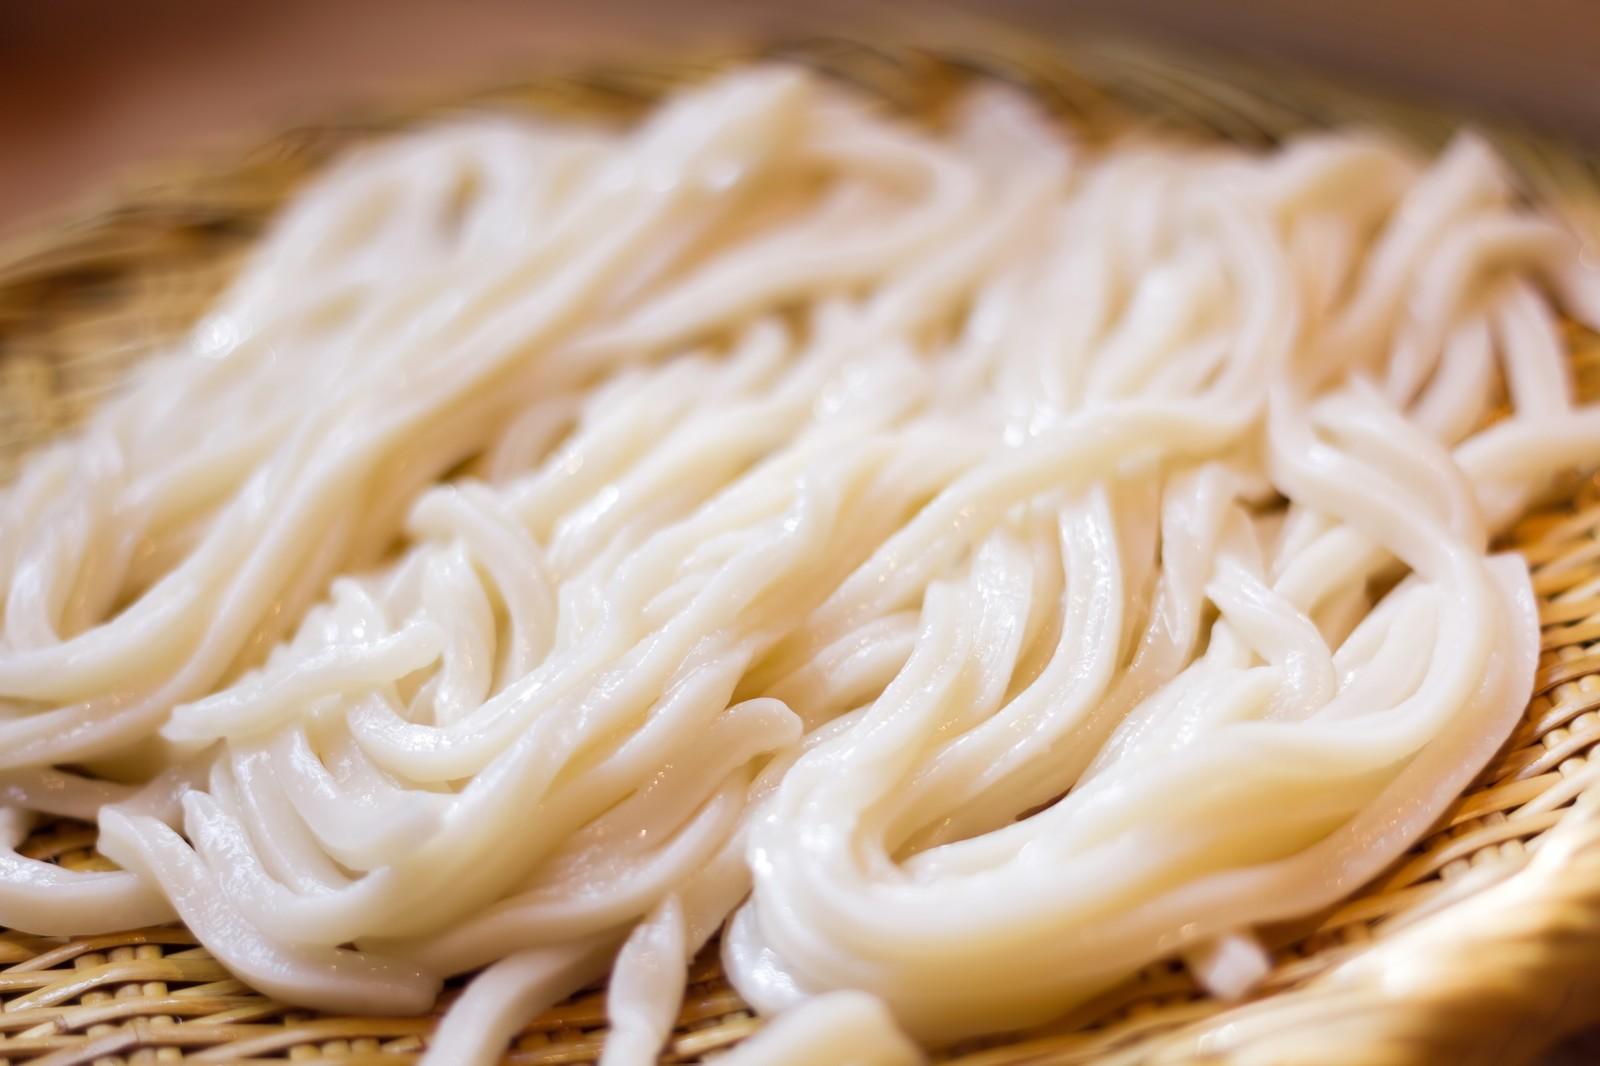 松下製麺所は高松のさぬきうどんの名店!おすすめメニューやアクセスは?